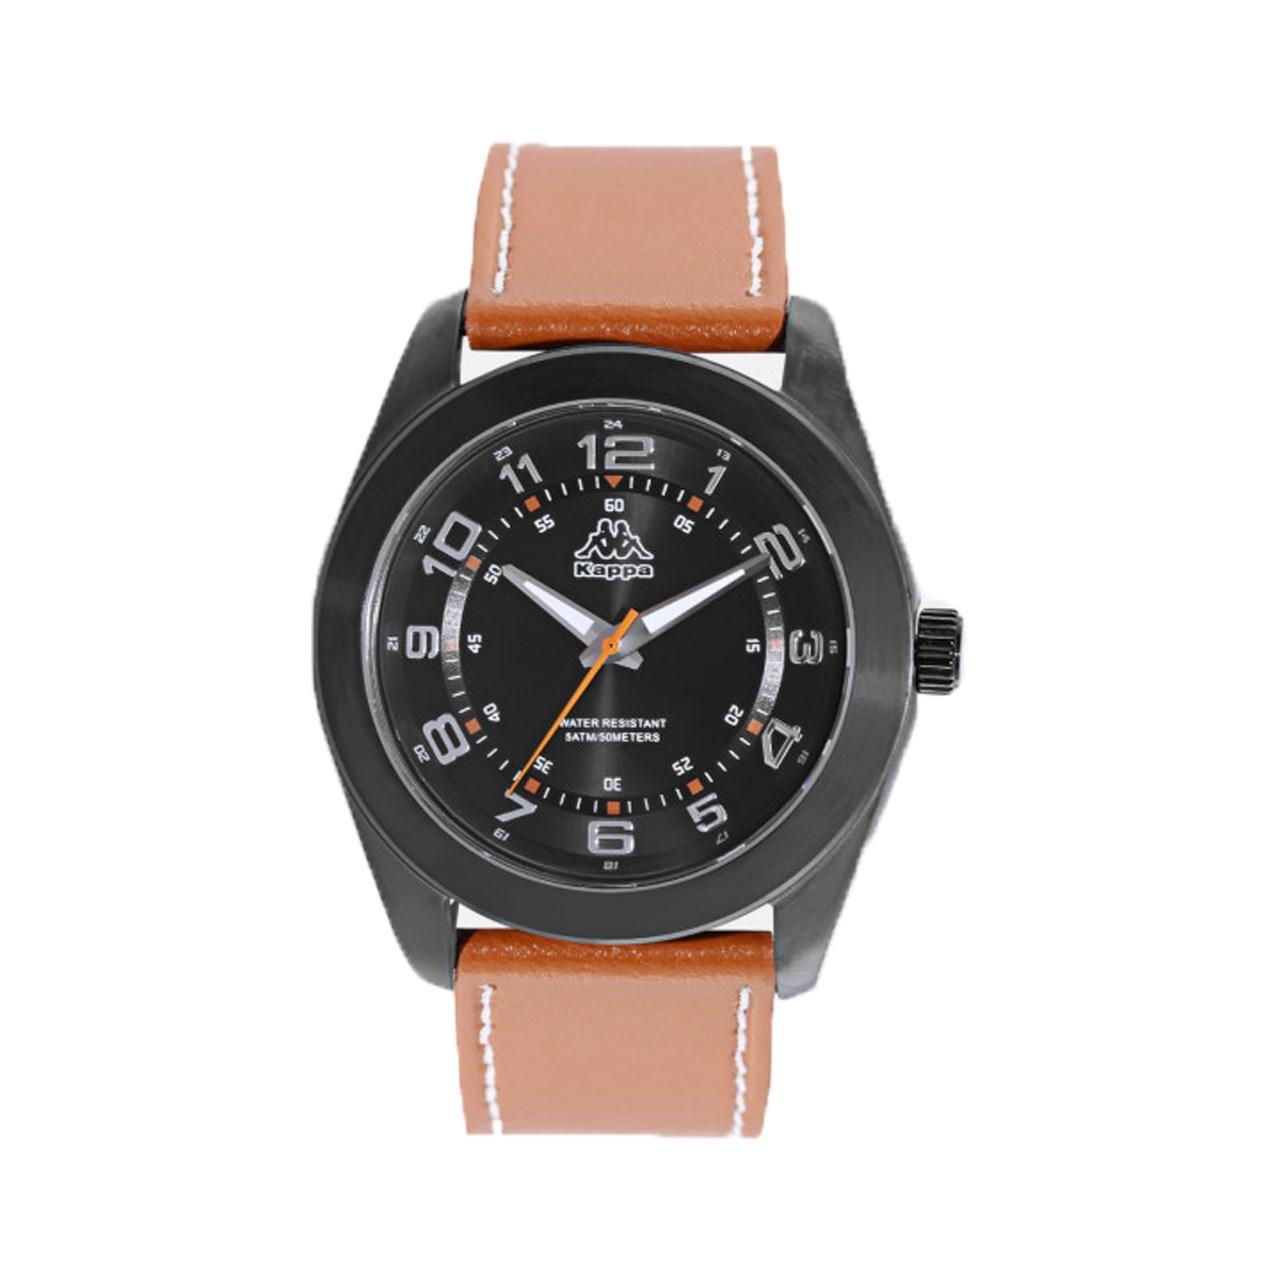 ساعت مچی عقربه ای کاپا مدل 1432m-a